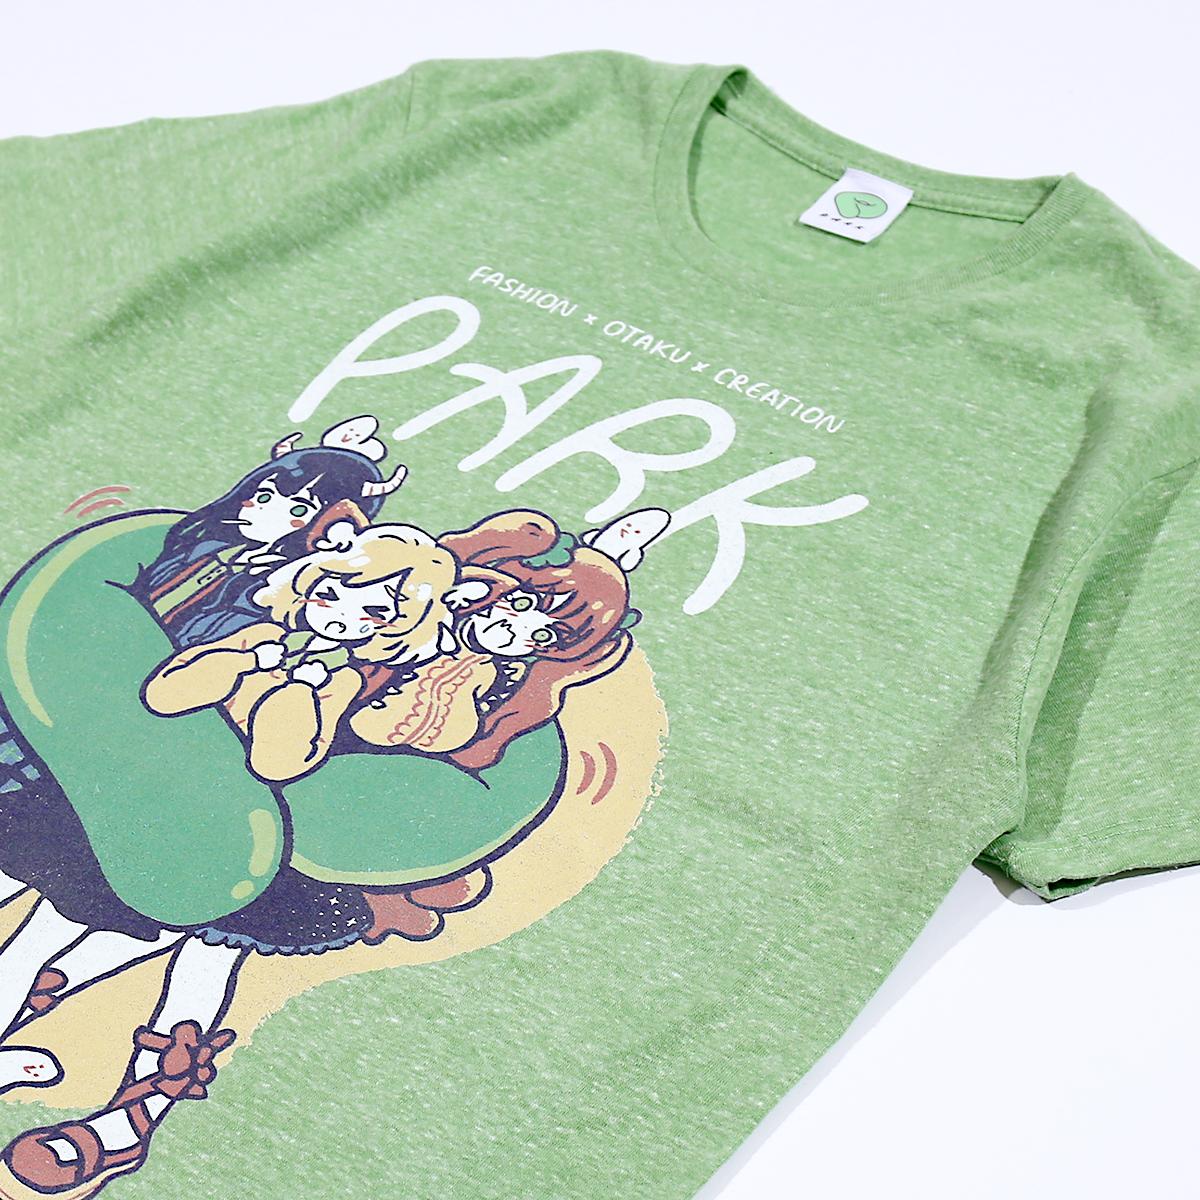 OMOCAT × PARK コラボレーションTシャツ発売中